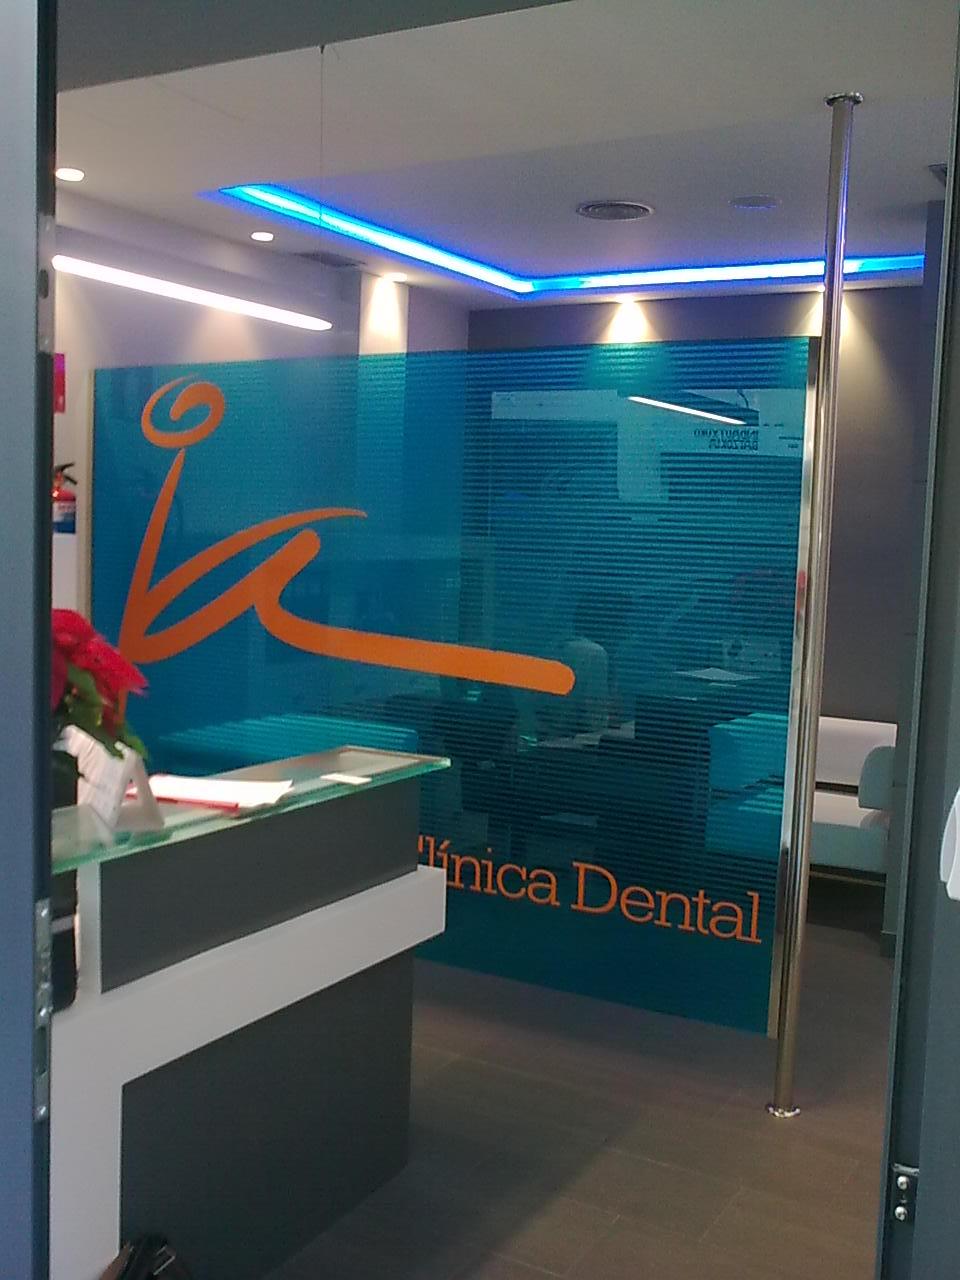 Kfhdise o clinica dental itziar arteagoitia bilbao - Clinica guimon bilbao ...